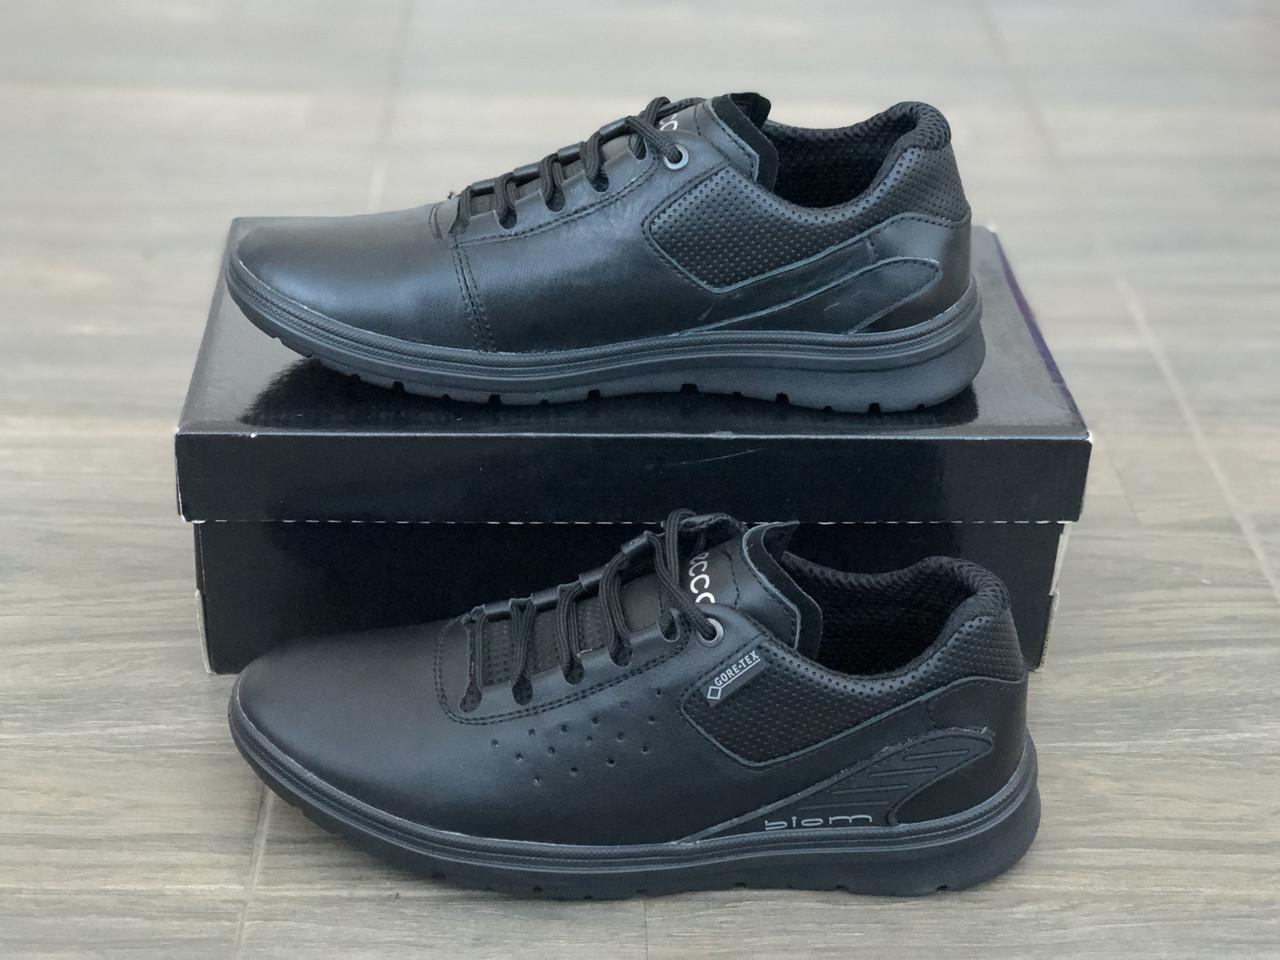 Кожаные кроссовки мужские Gerard 250 ч размеры 40,41,42,43,45